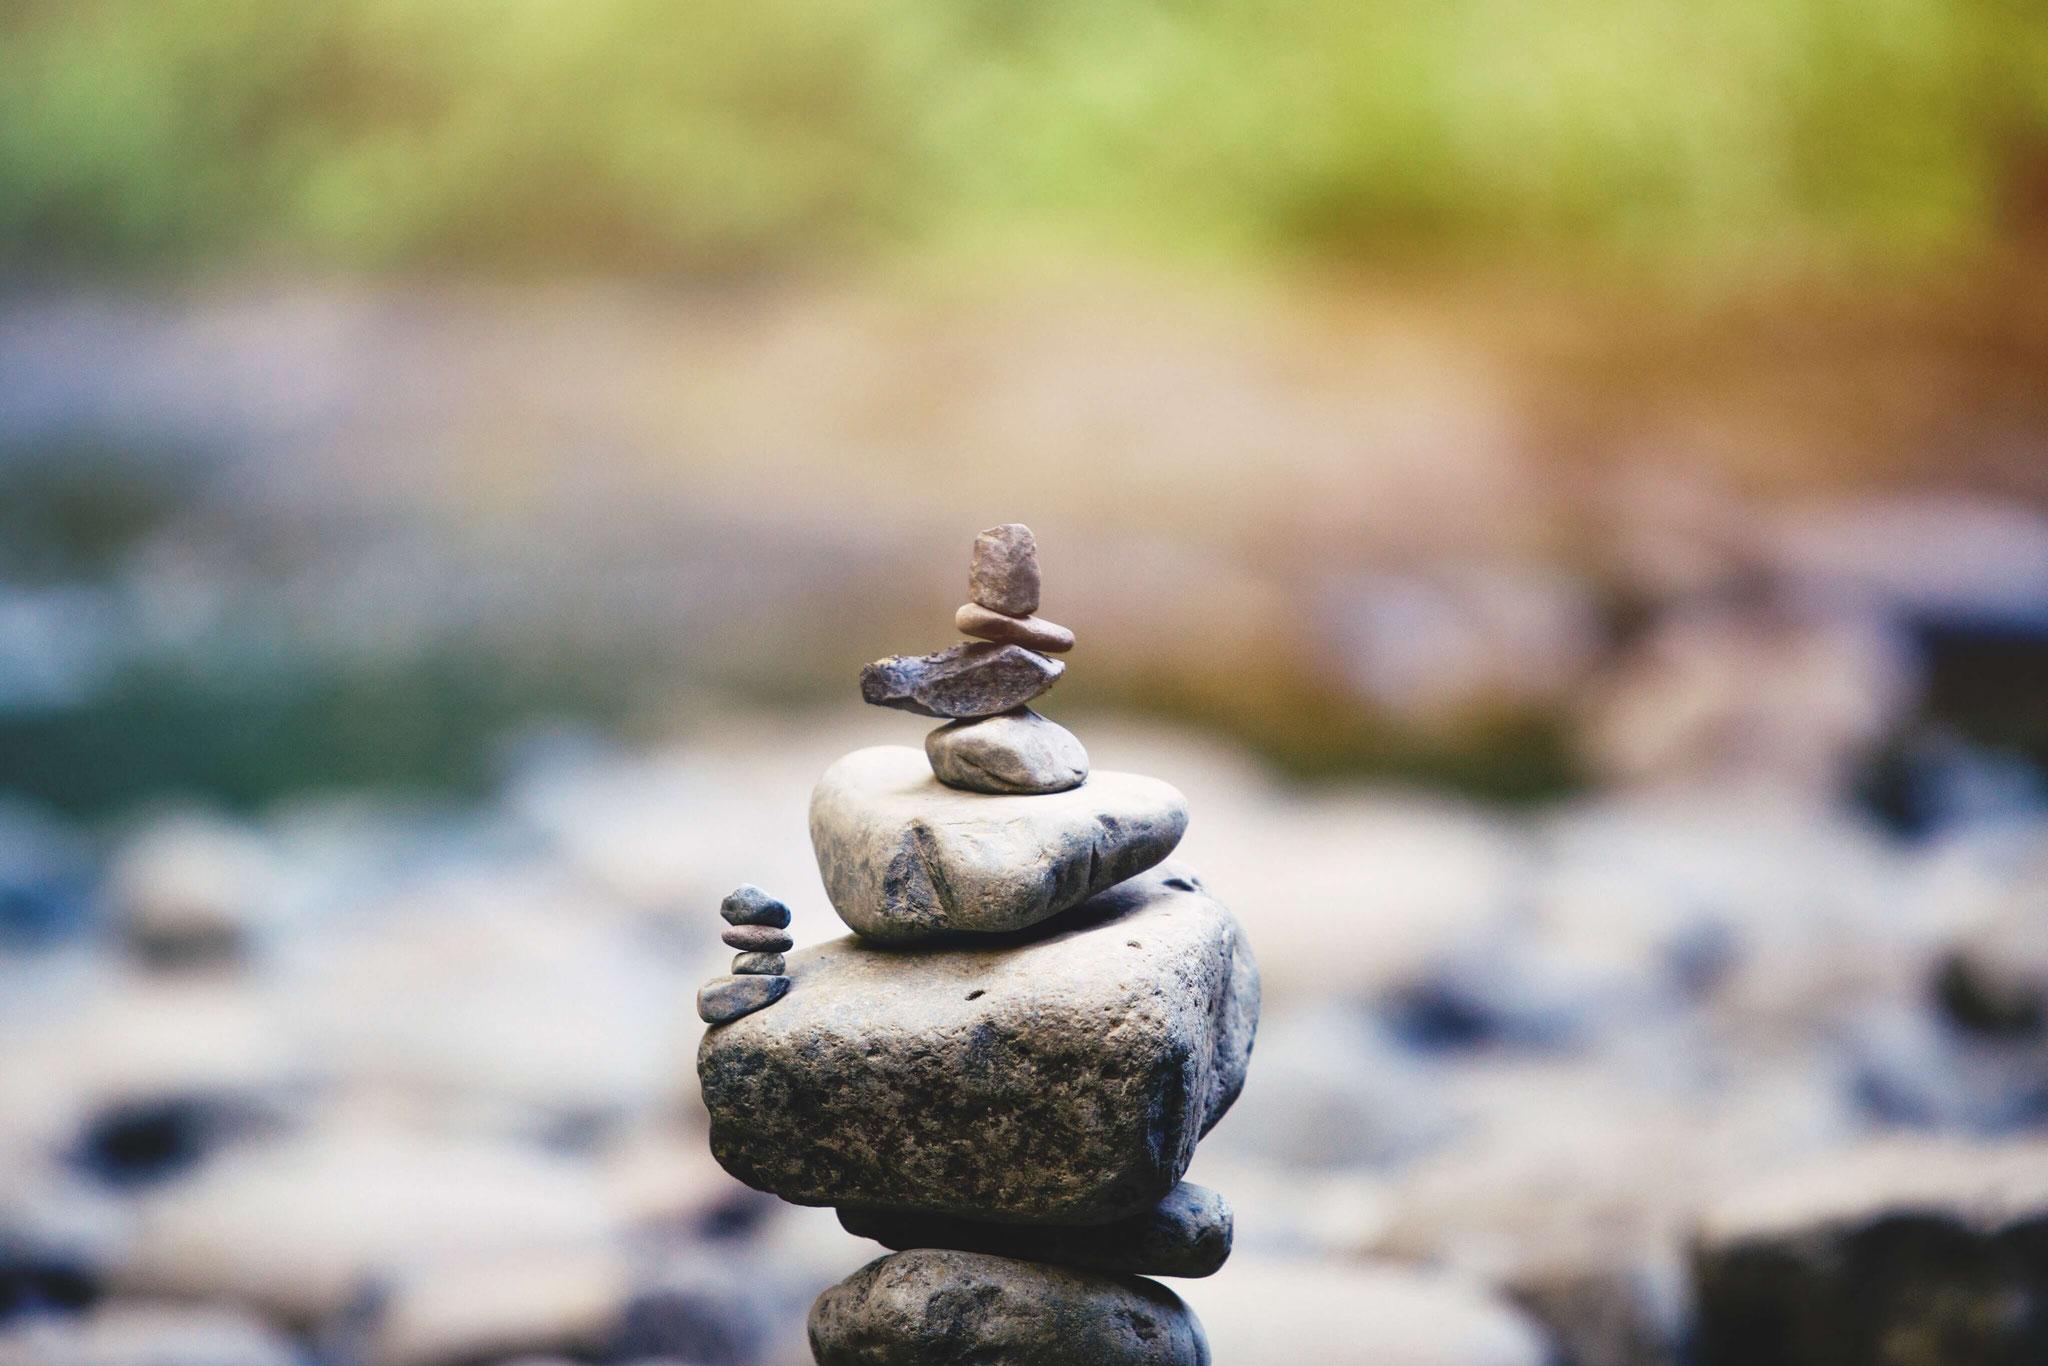 Das Gleichgewicht ist manchmal wacklig